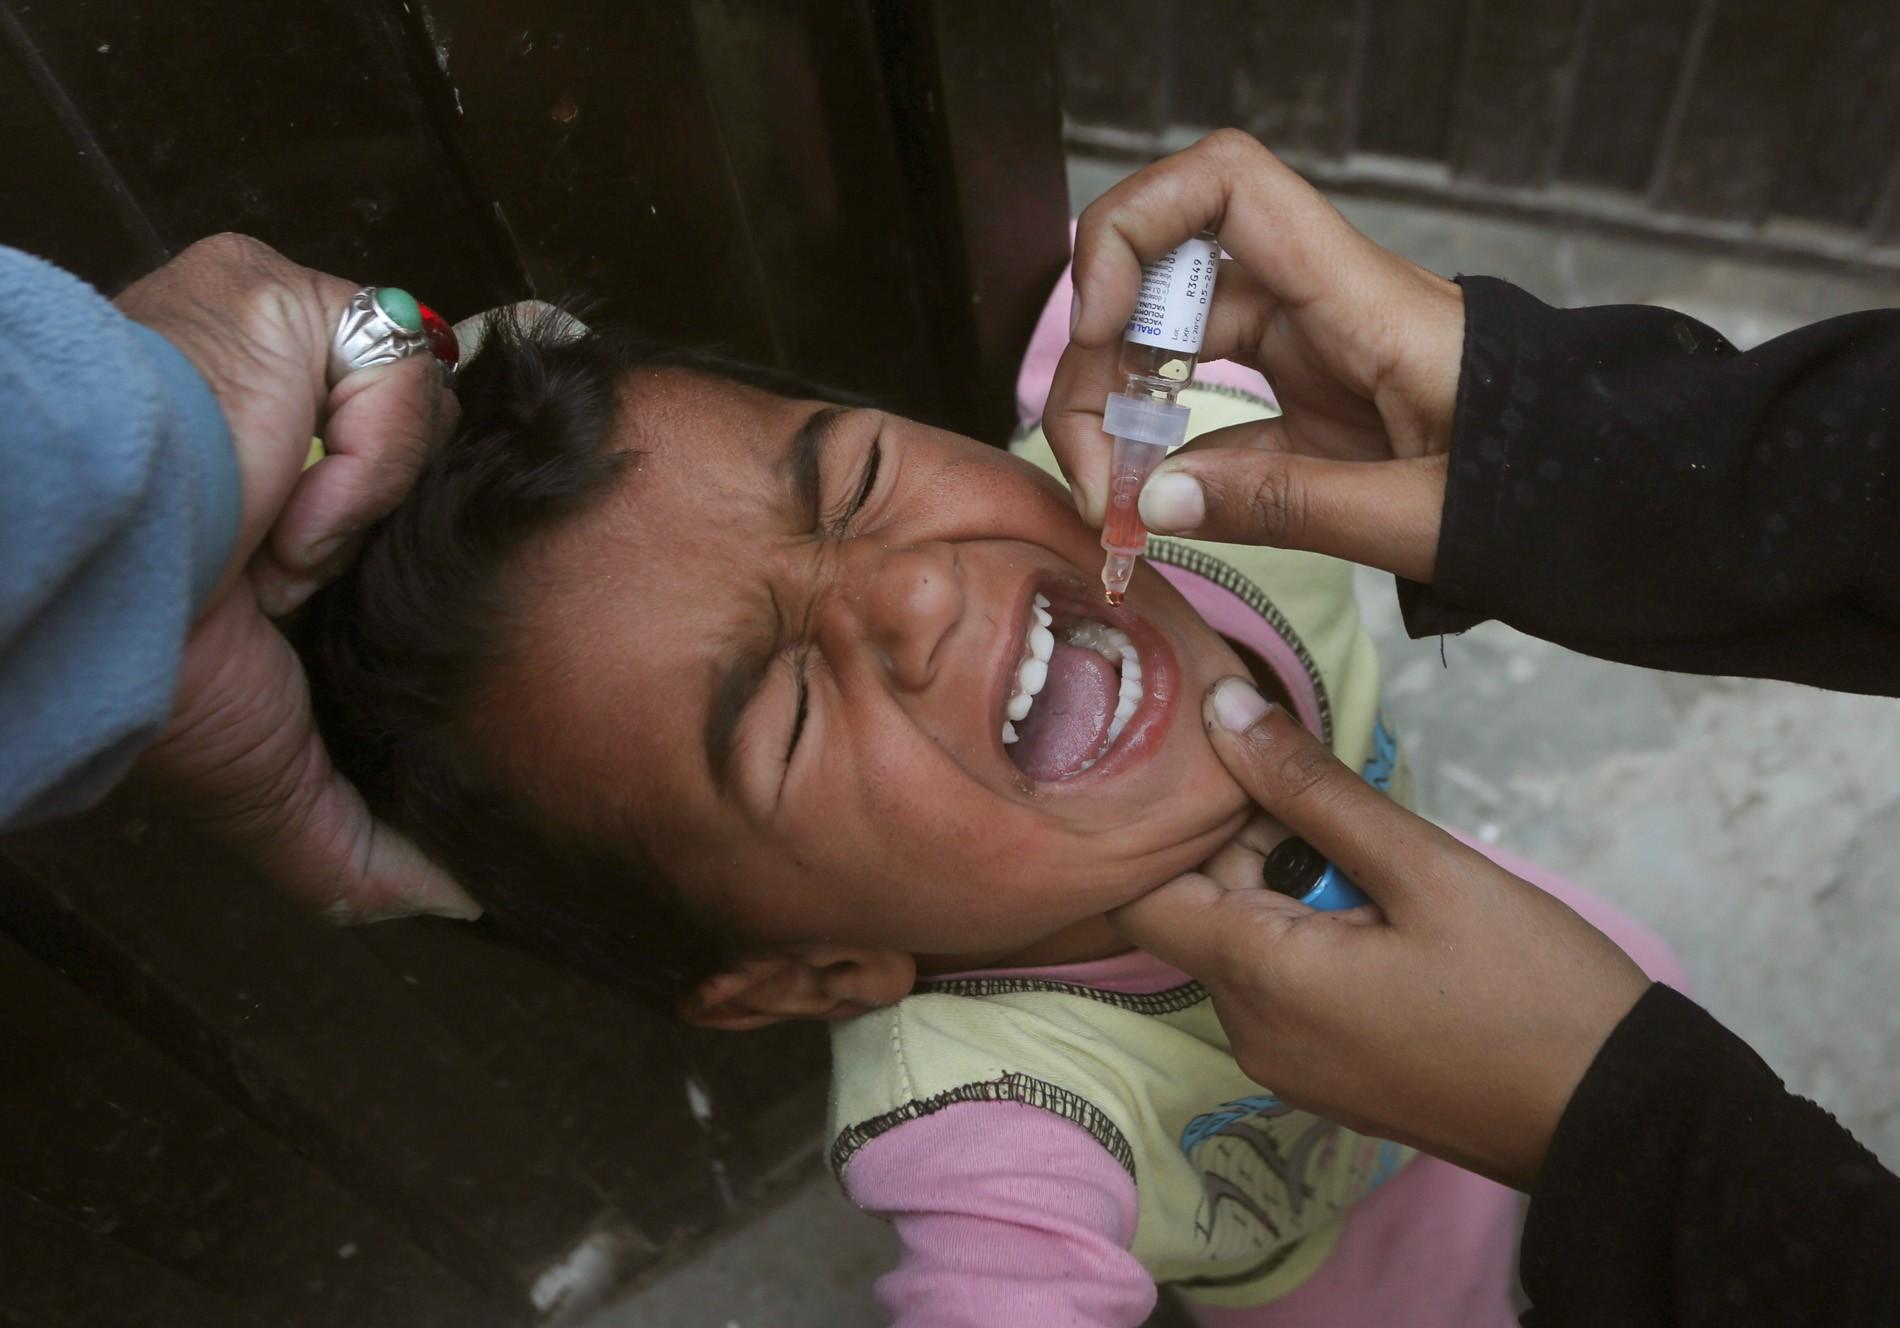 Filipinas declaram novo surto de pólio depois de 19 anos de erradicação - Notícias - Plantão Diário